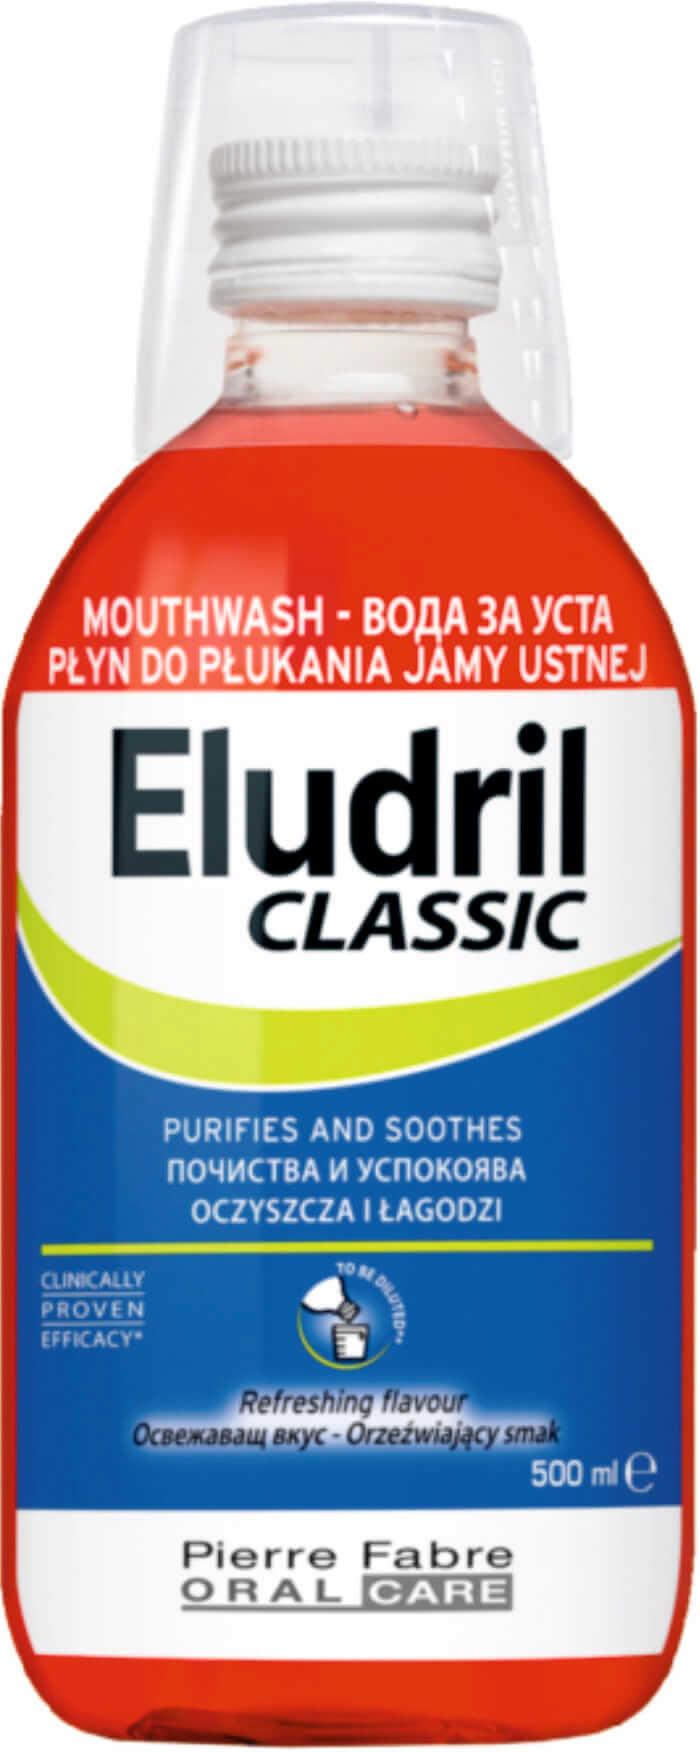 Eludrilclassic płyn d/jamy ustnej 500 ml